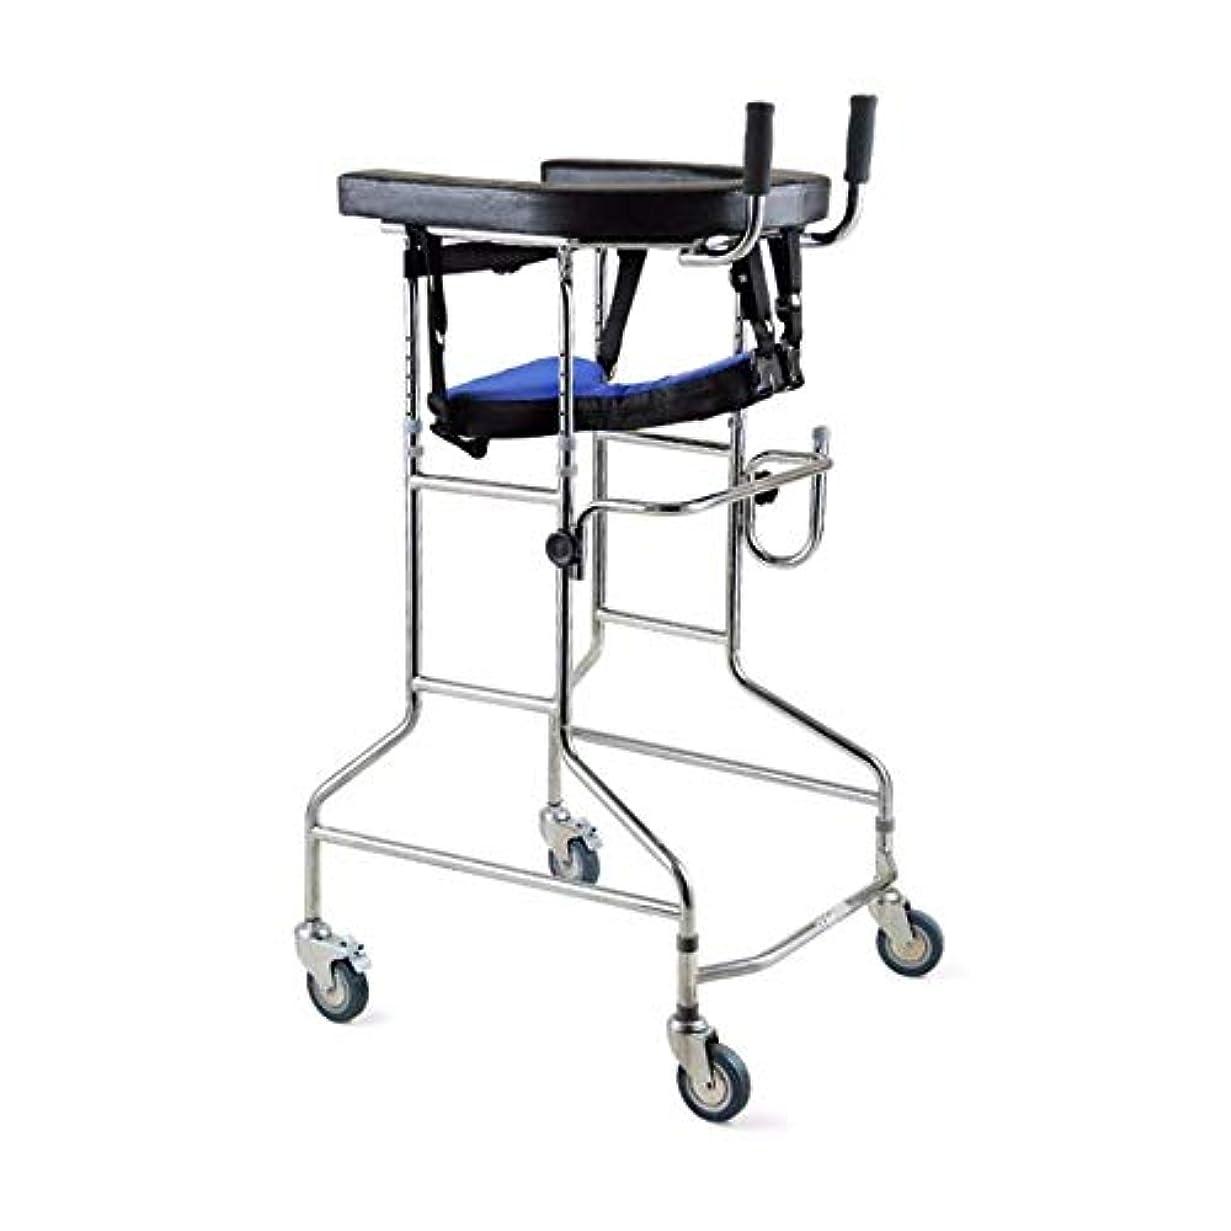 午後ファシズムほとんどないリハビリテーション歩行器、多機能高齢者歩行ブラケット、身体障害者用両腕歩行器 (Color : 黒)